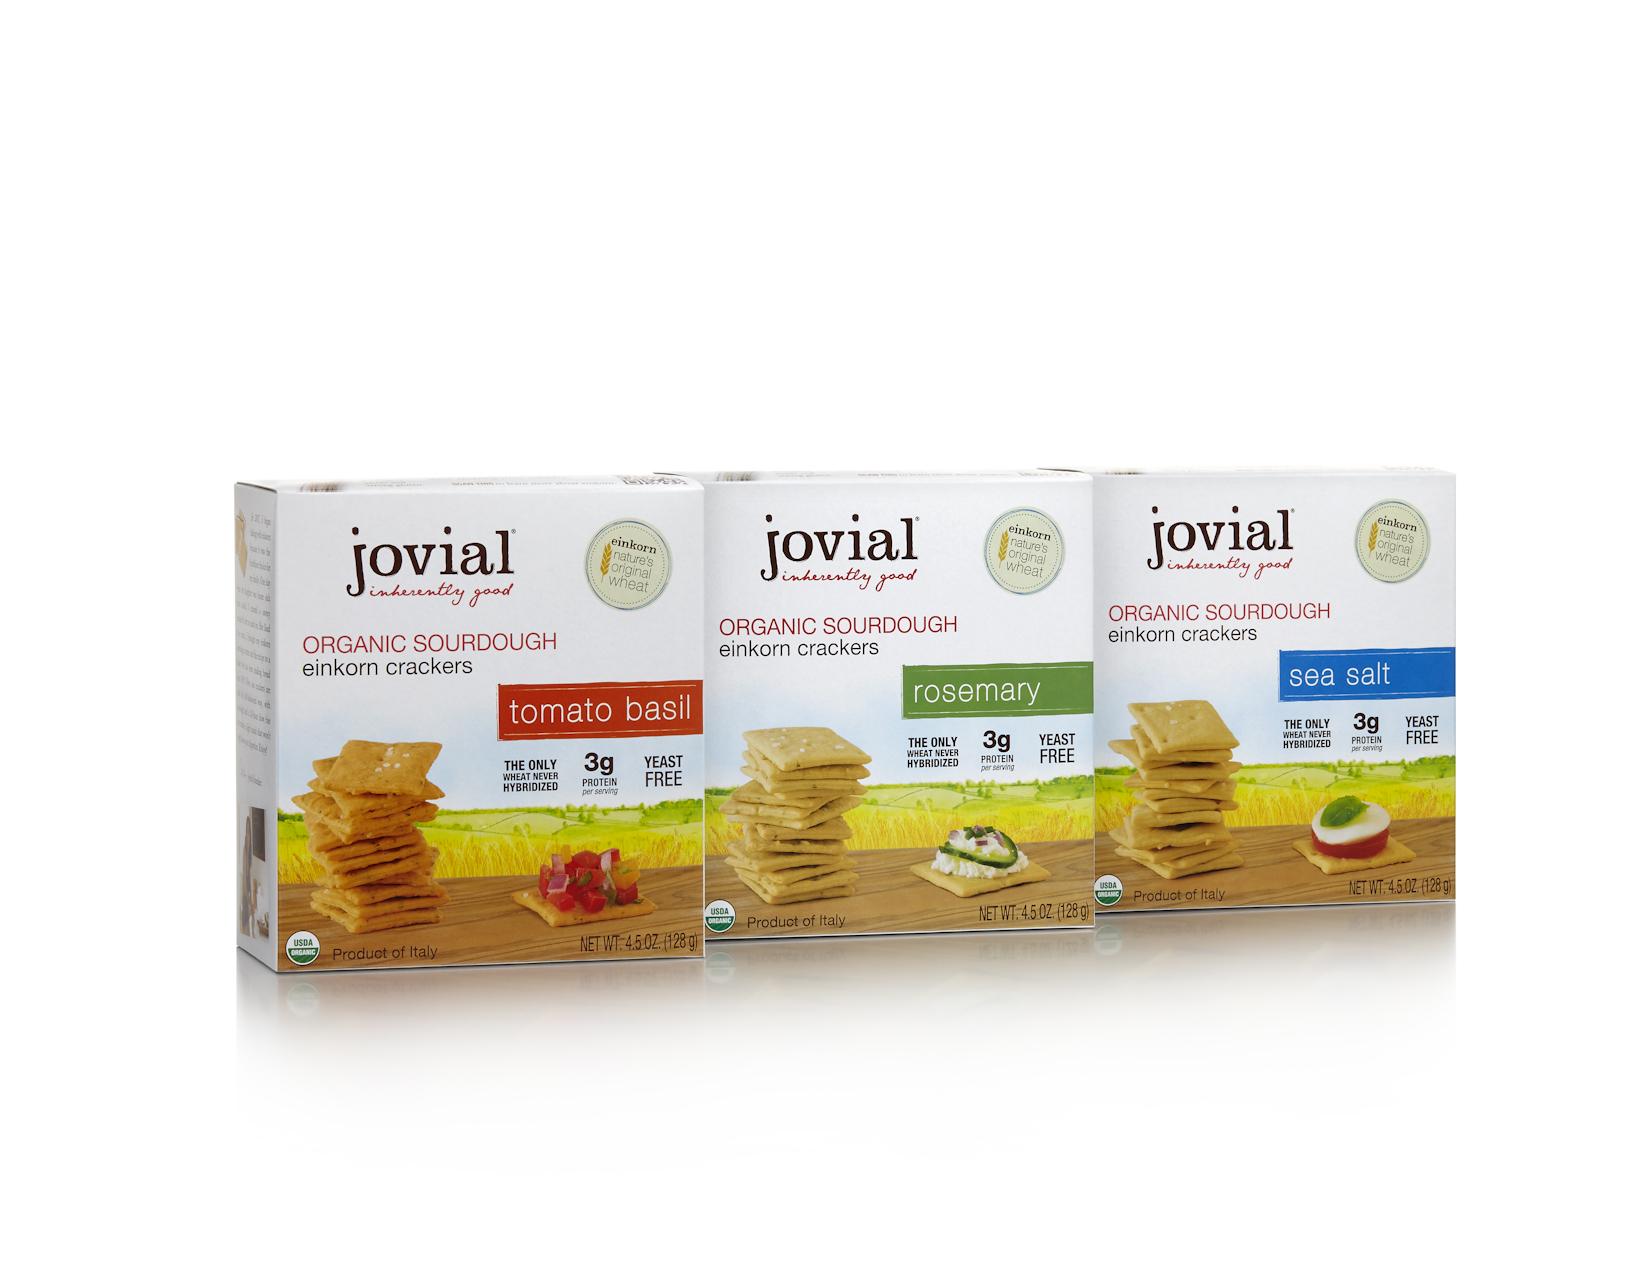 Einkorn cracker packaging